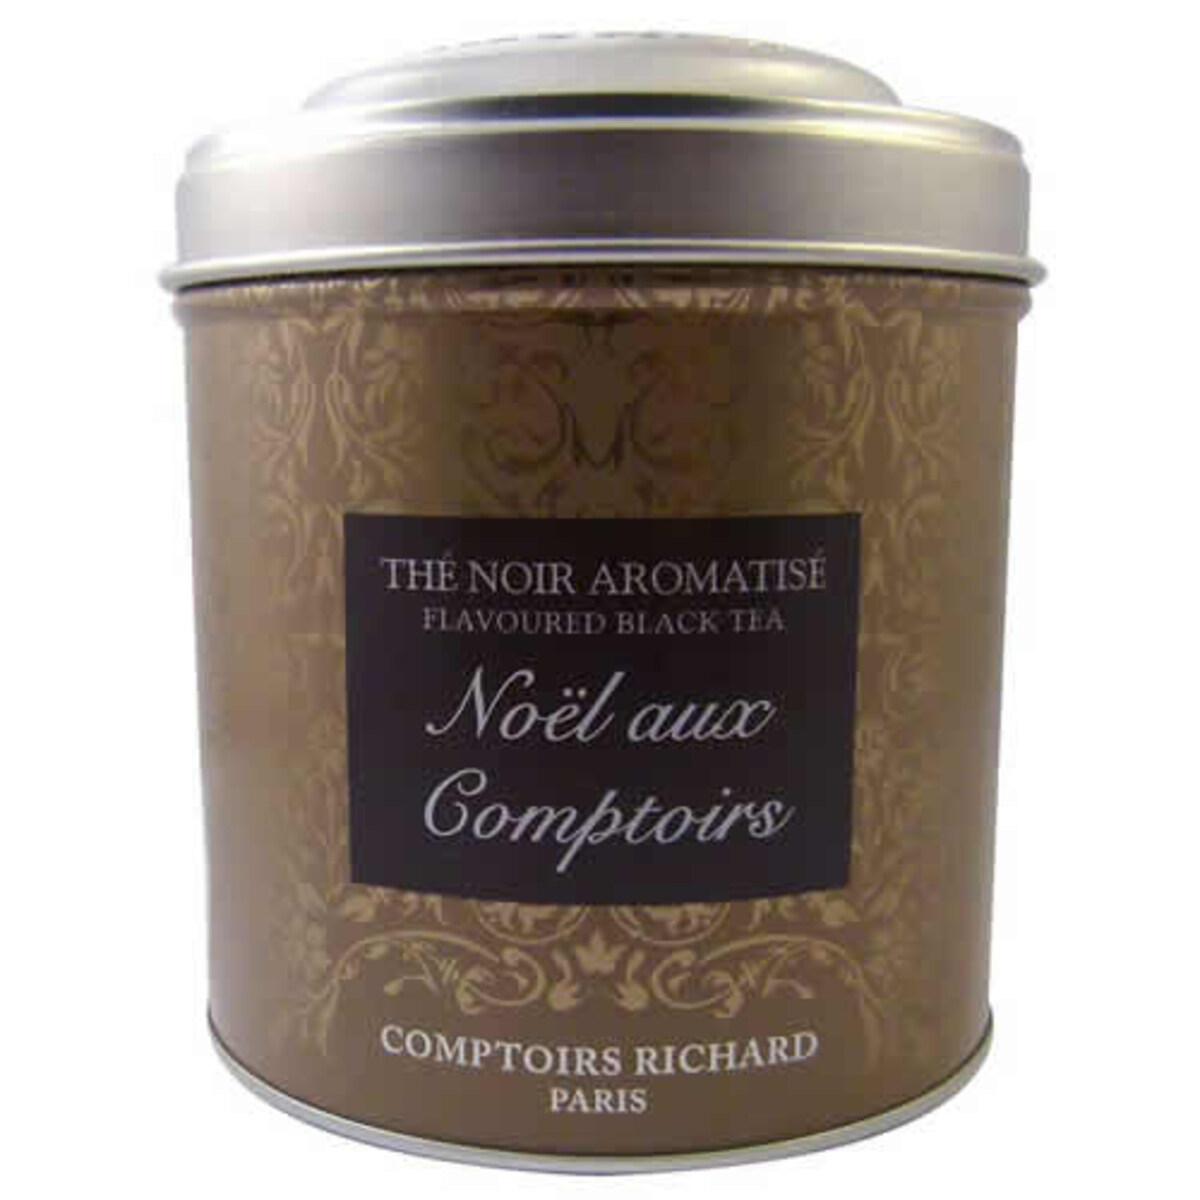 Comptoirs Richard Noël aux Comptoirs - насипен черен чай Коледа